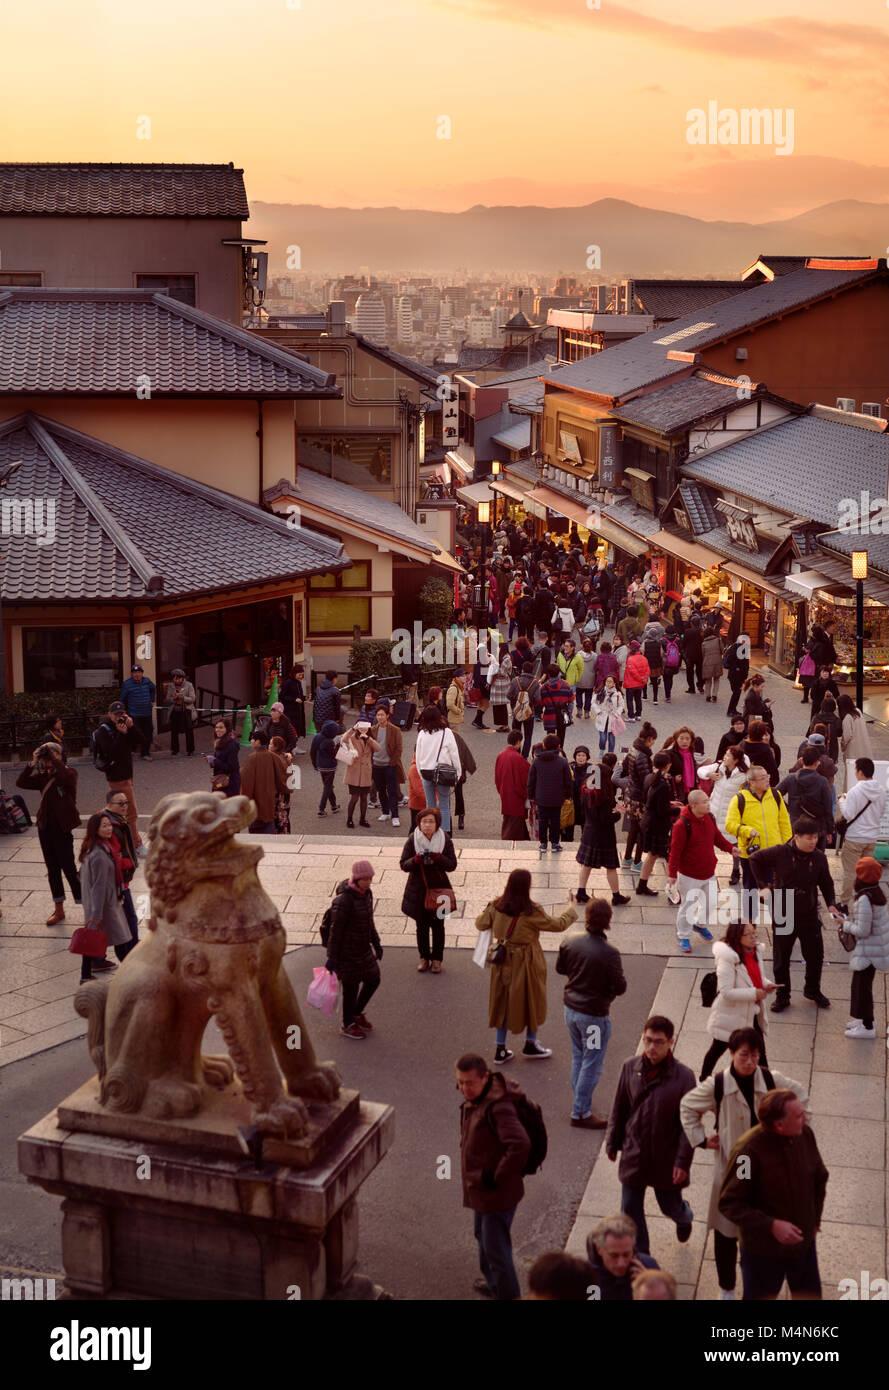 Matsubara dori street al tramonto in autunno, affollata di turisti e visitatori all'entrata di Kiyomizu-dera Immagini Stock